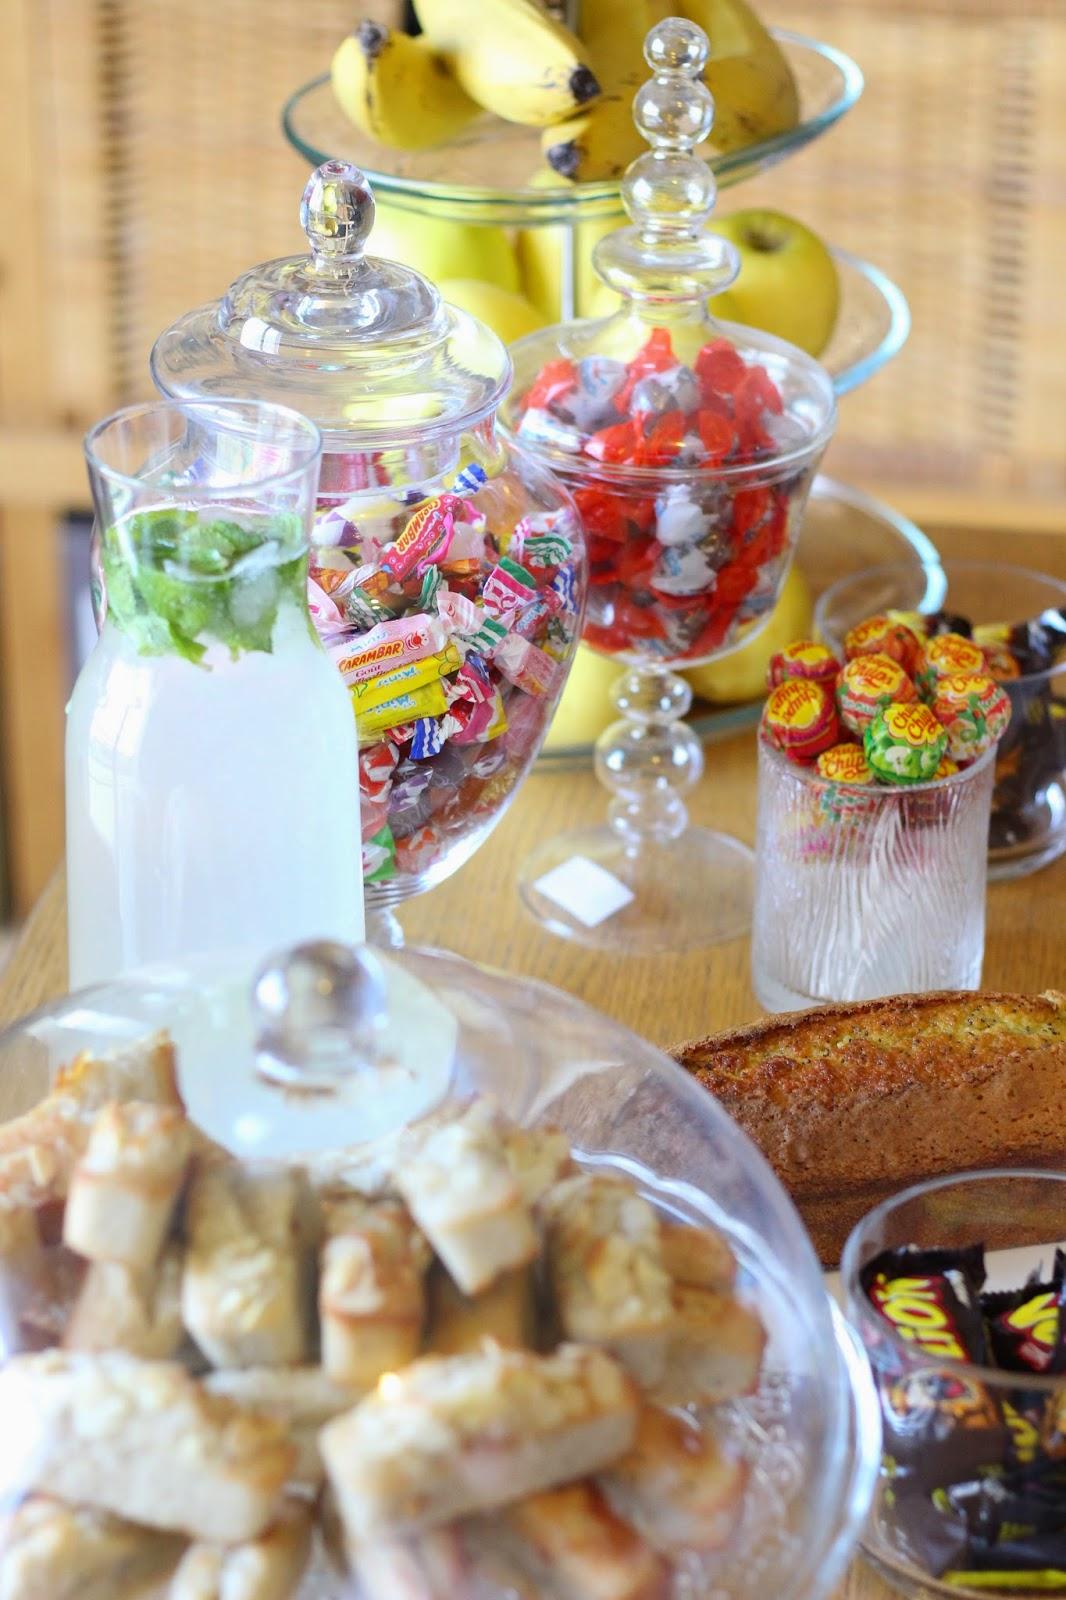 échange-découverte-papotage-goûter-citronade-cake-bonbon-financiers